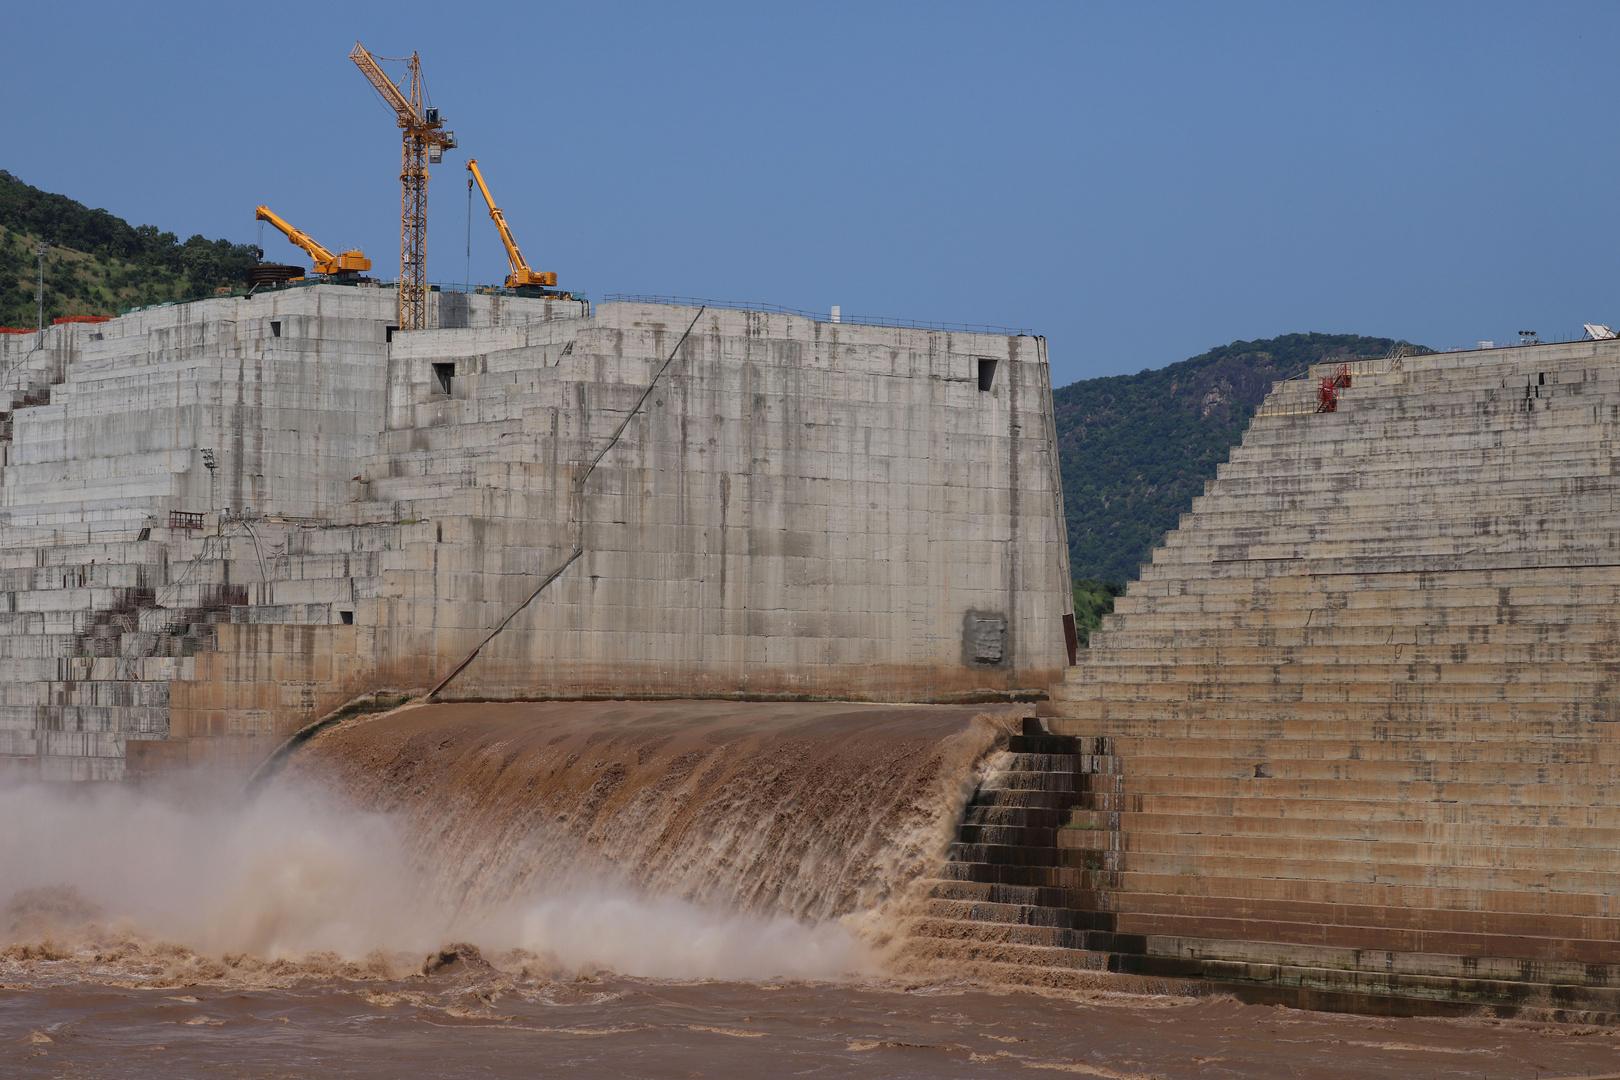 مصر تعلن عن تطورات جديدة في قضية  سد النهضة  الإثيوبي -